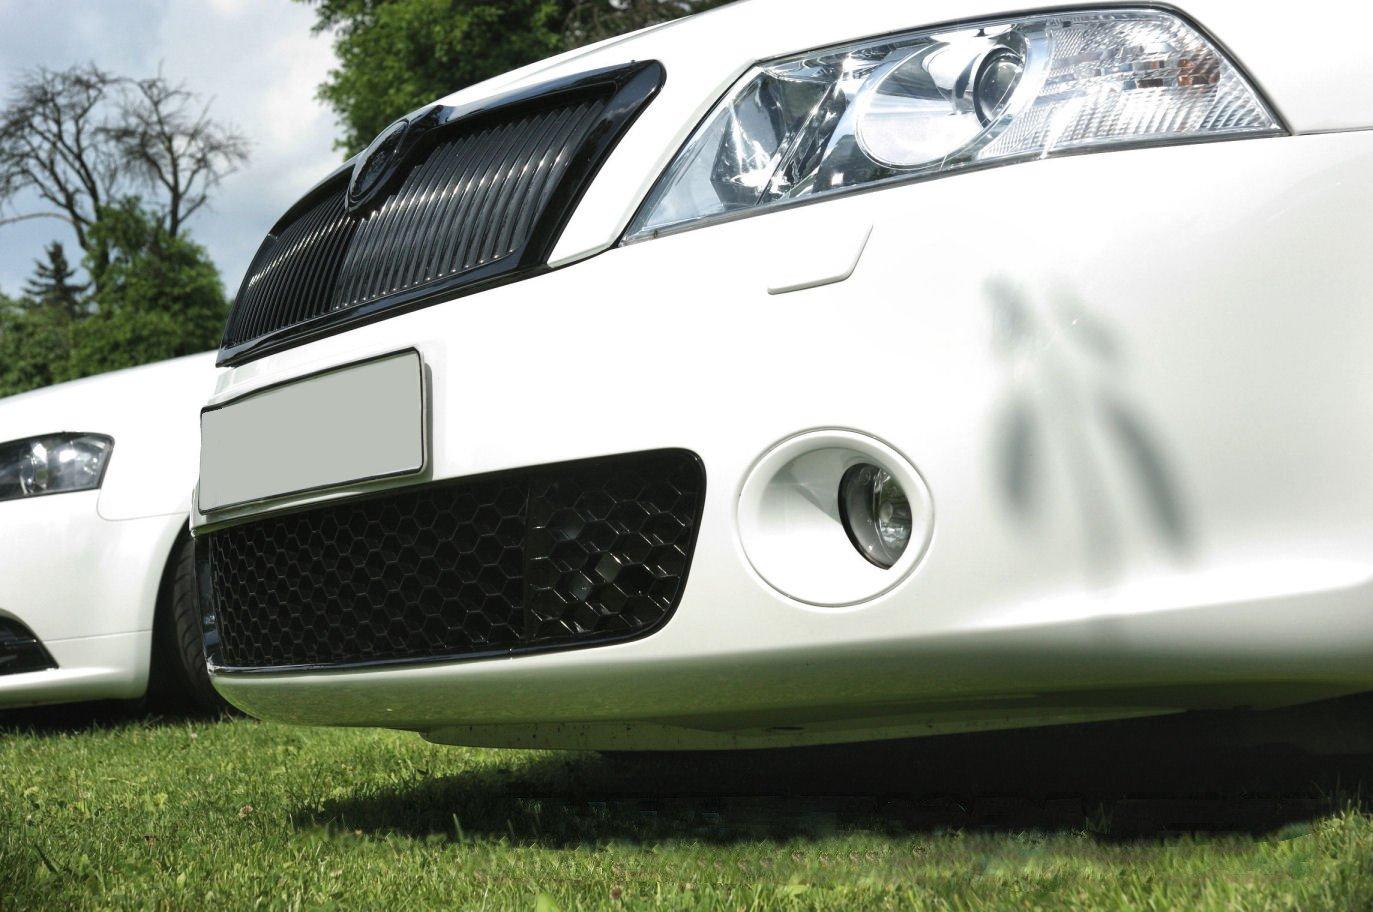 Front Grill Skoda Octavia Rs Mk2 Our Offer Skoda Octavia Rs Mk2 2005 2007 Maxton Design